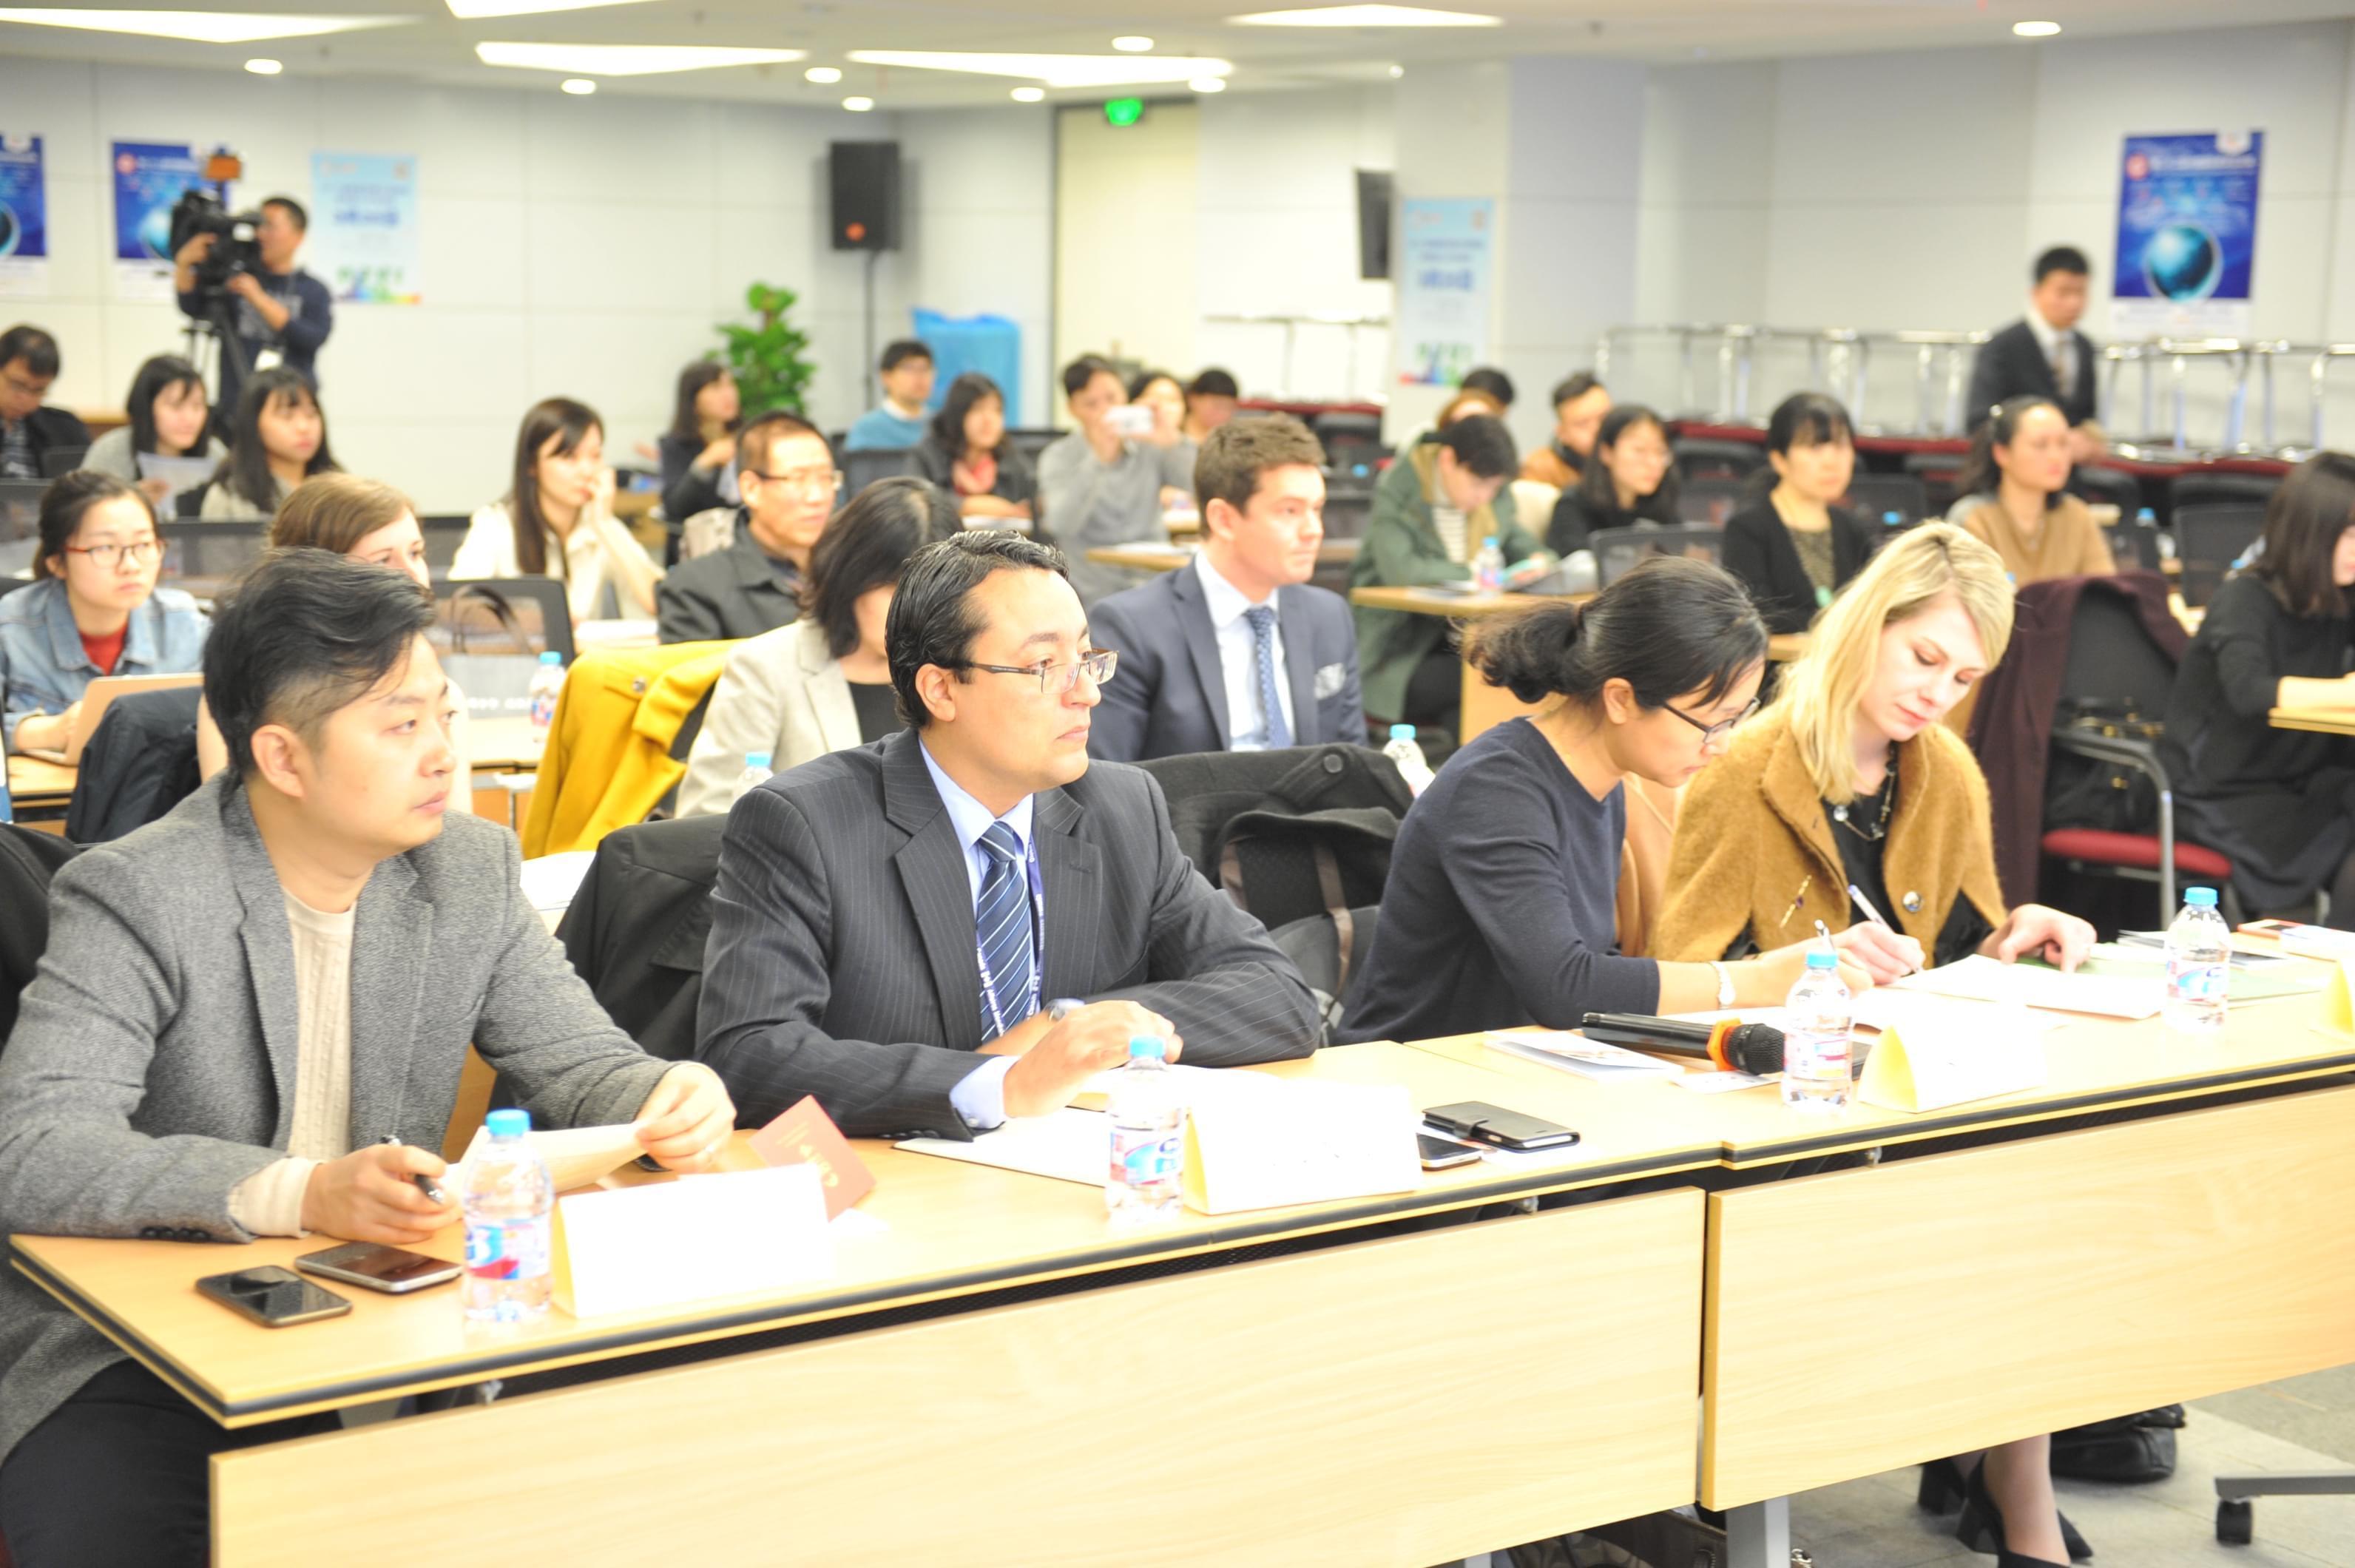 3月25日网易教育与你相约中国国际教育巡回展